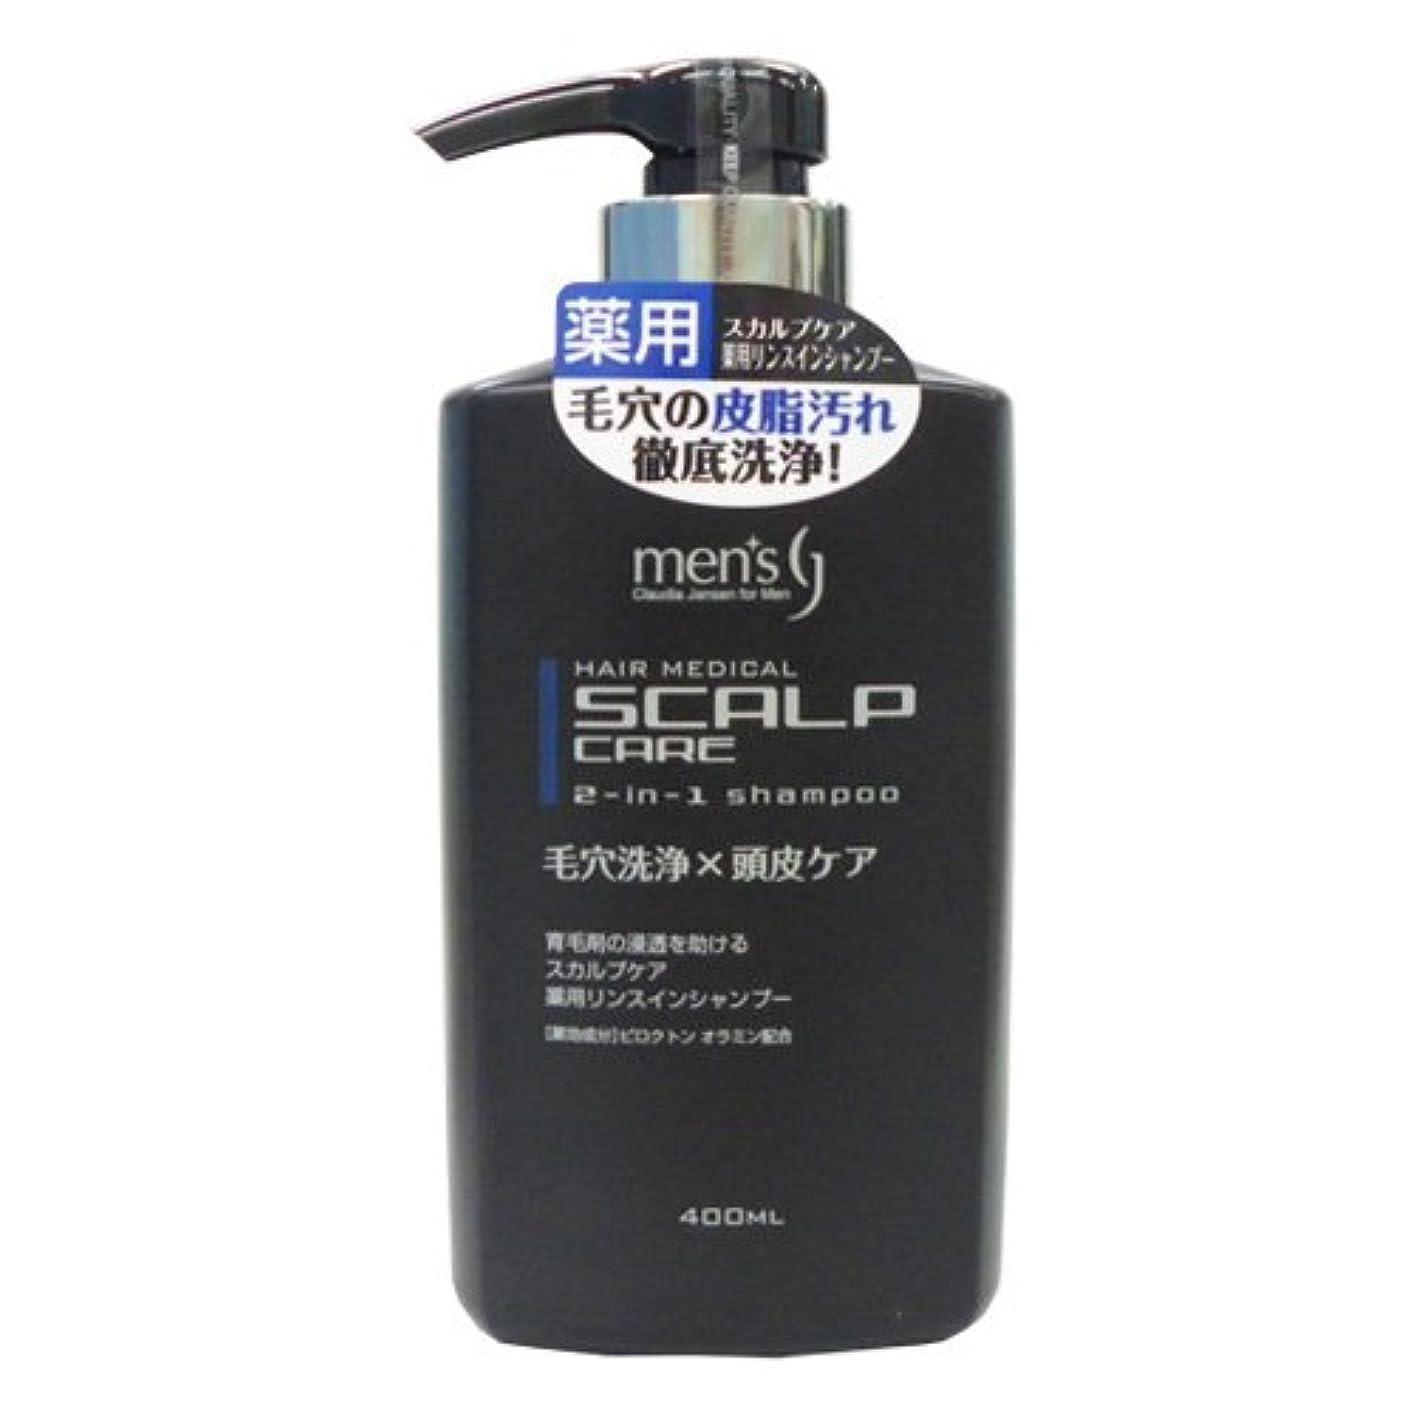 臭いうぬぼれ物理的にスカルプケア薬用リンスインシャンプー 400ml 毛穴洗浄×頭皮ケア